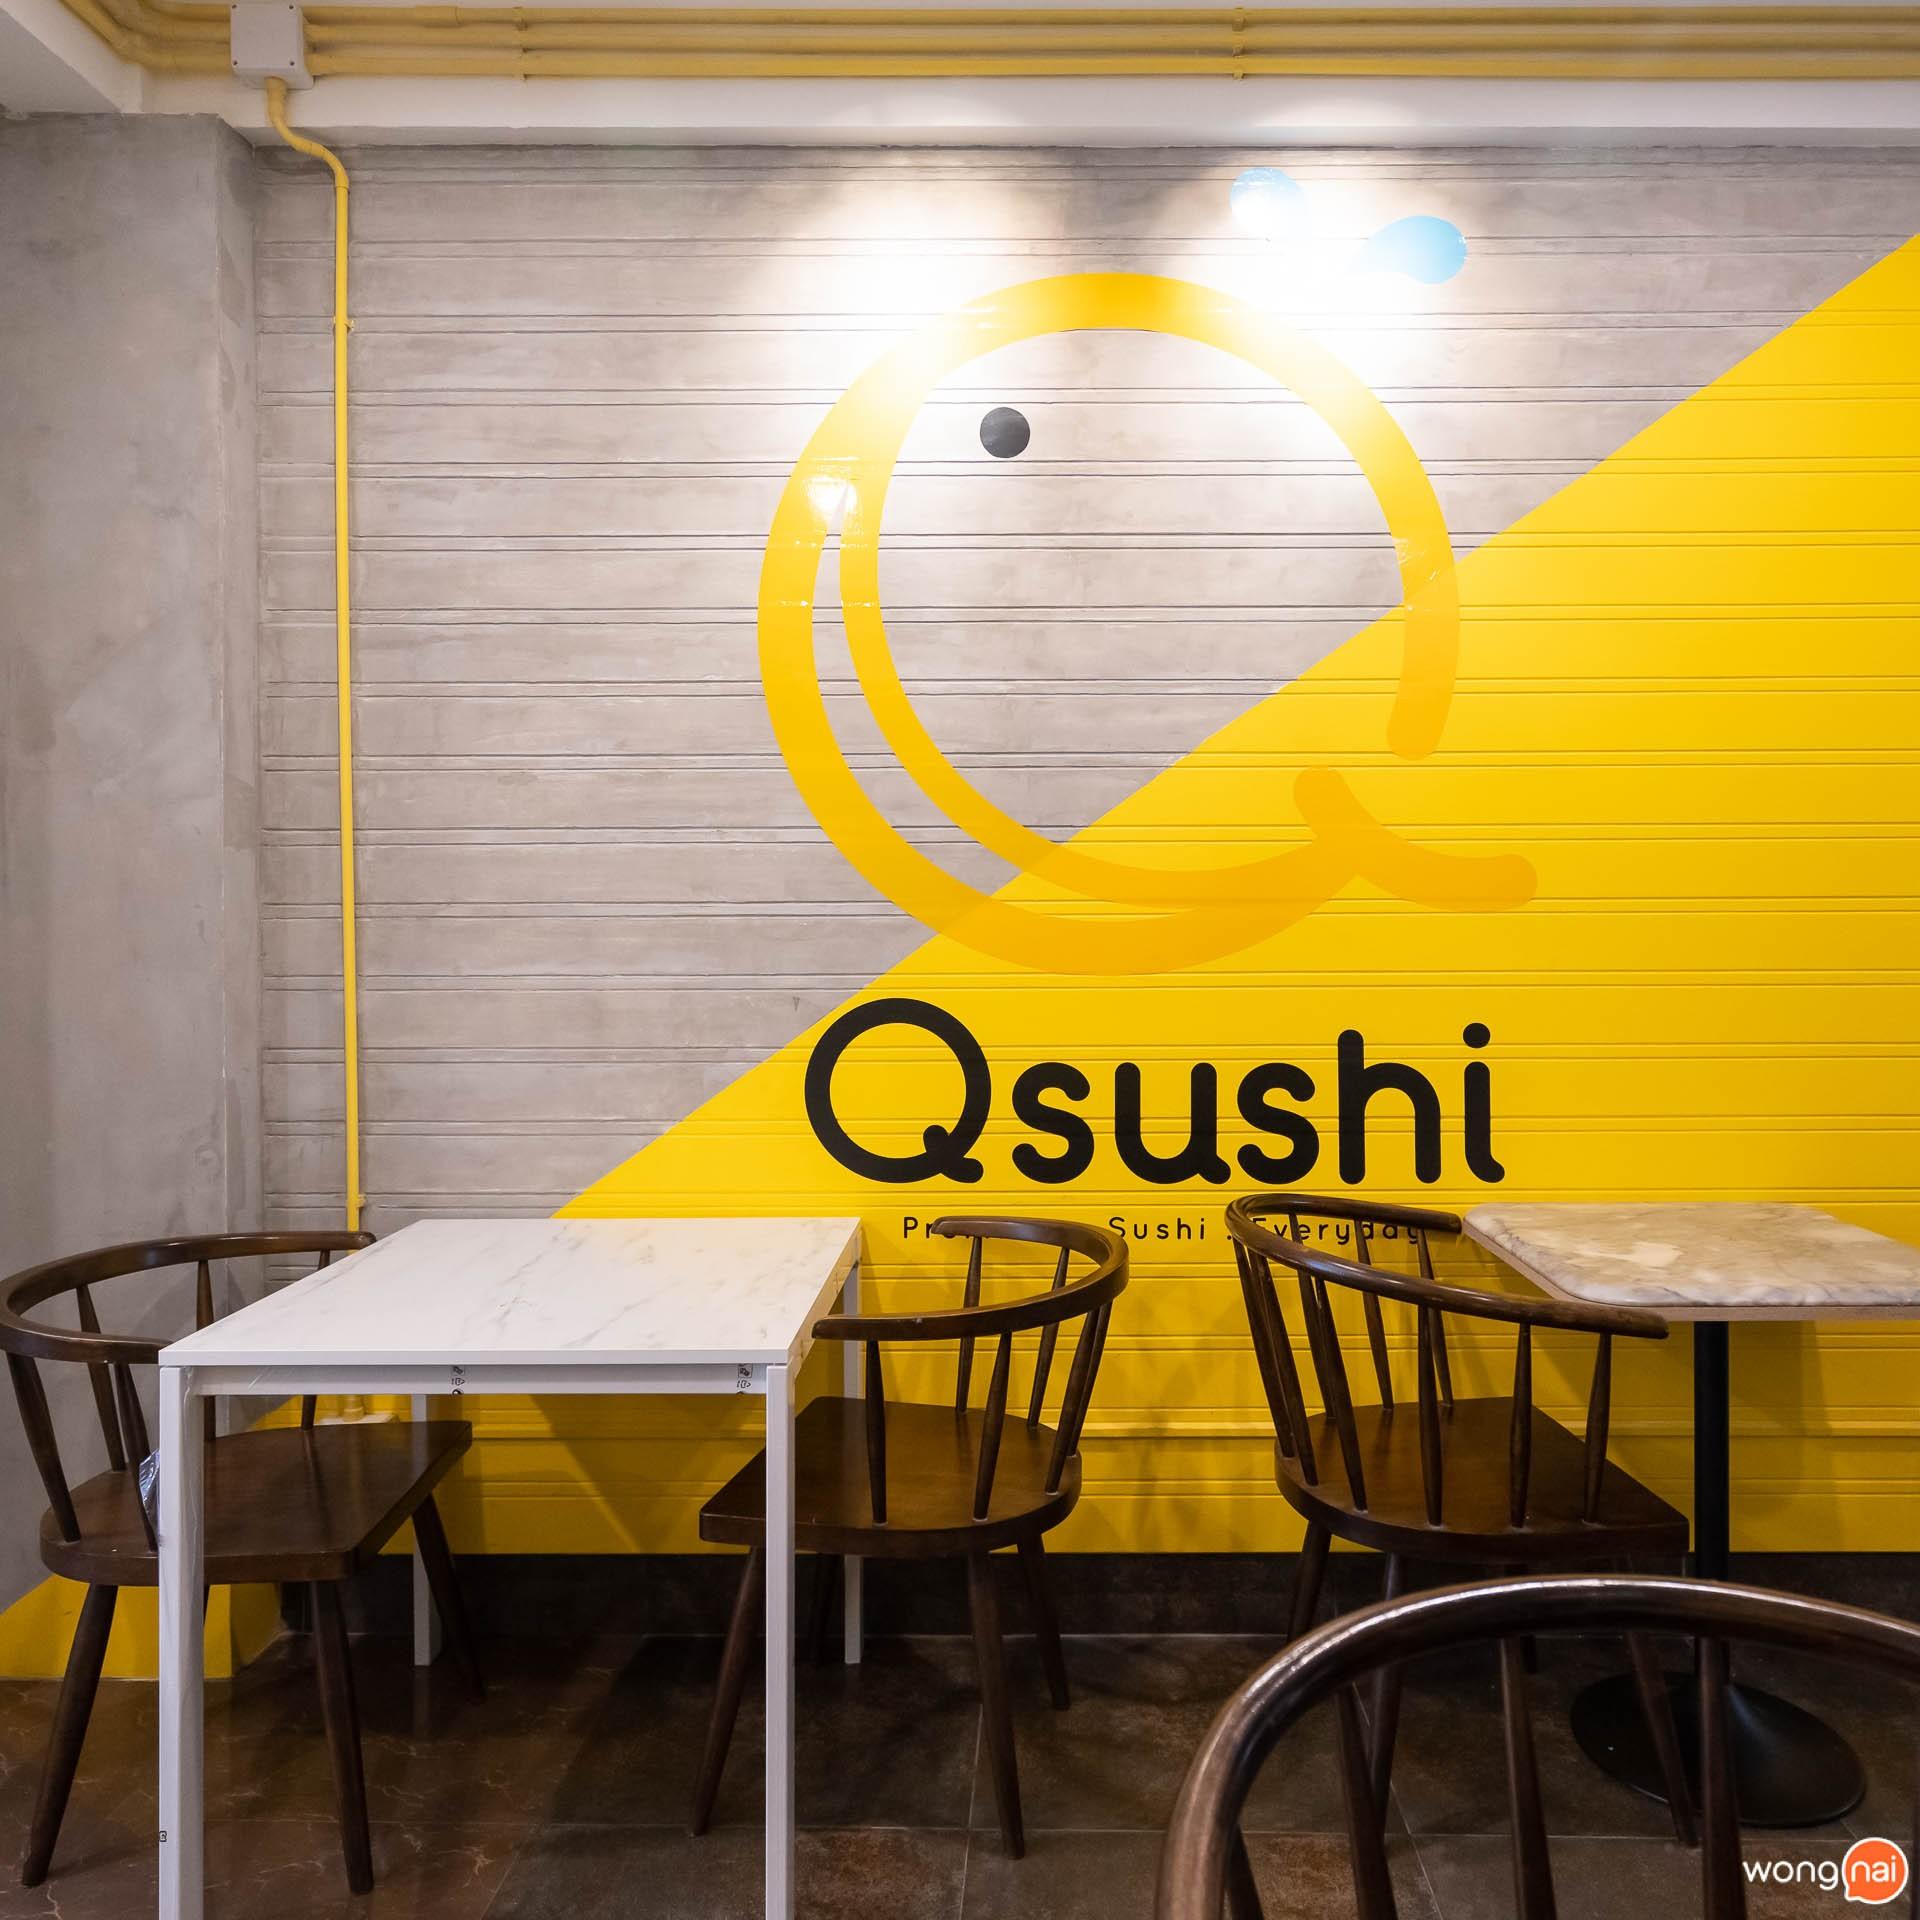 Qsushi